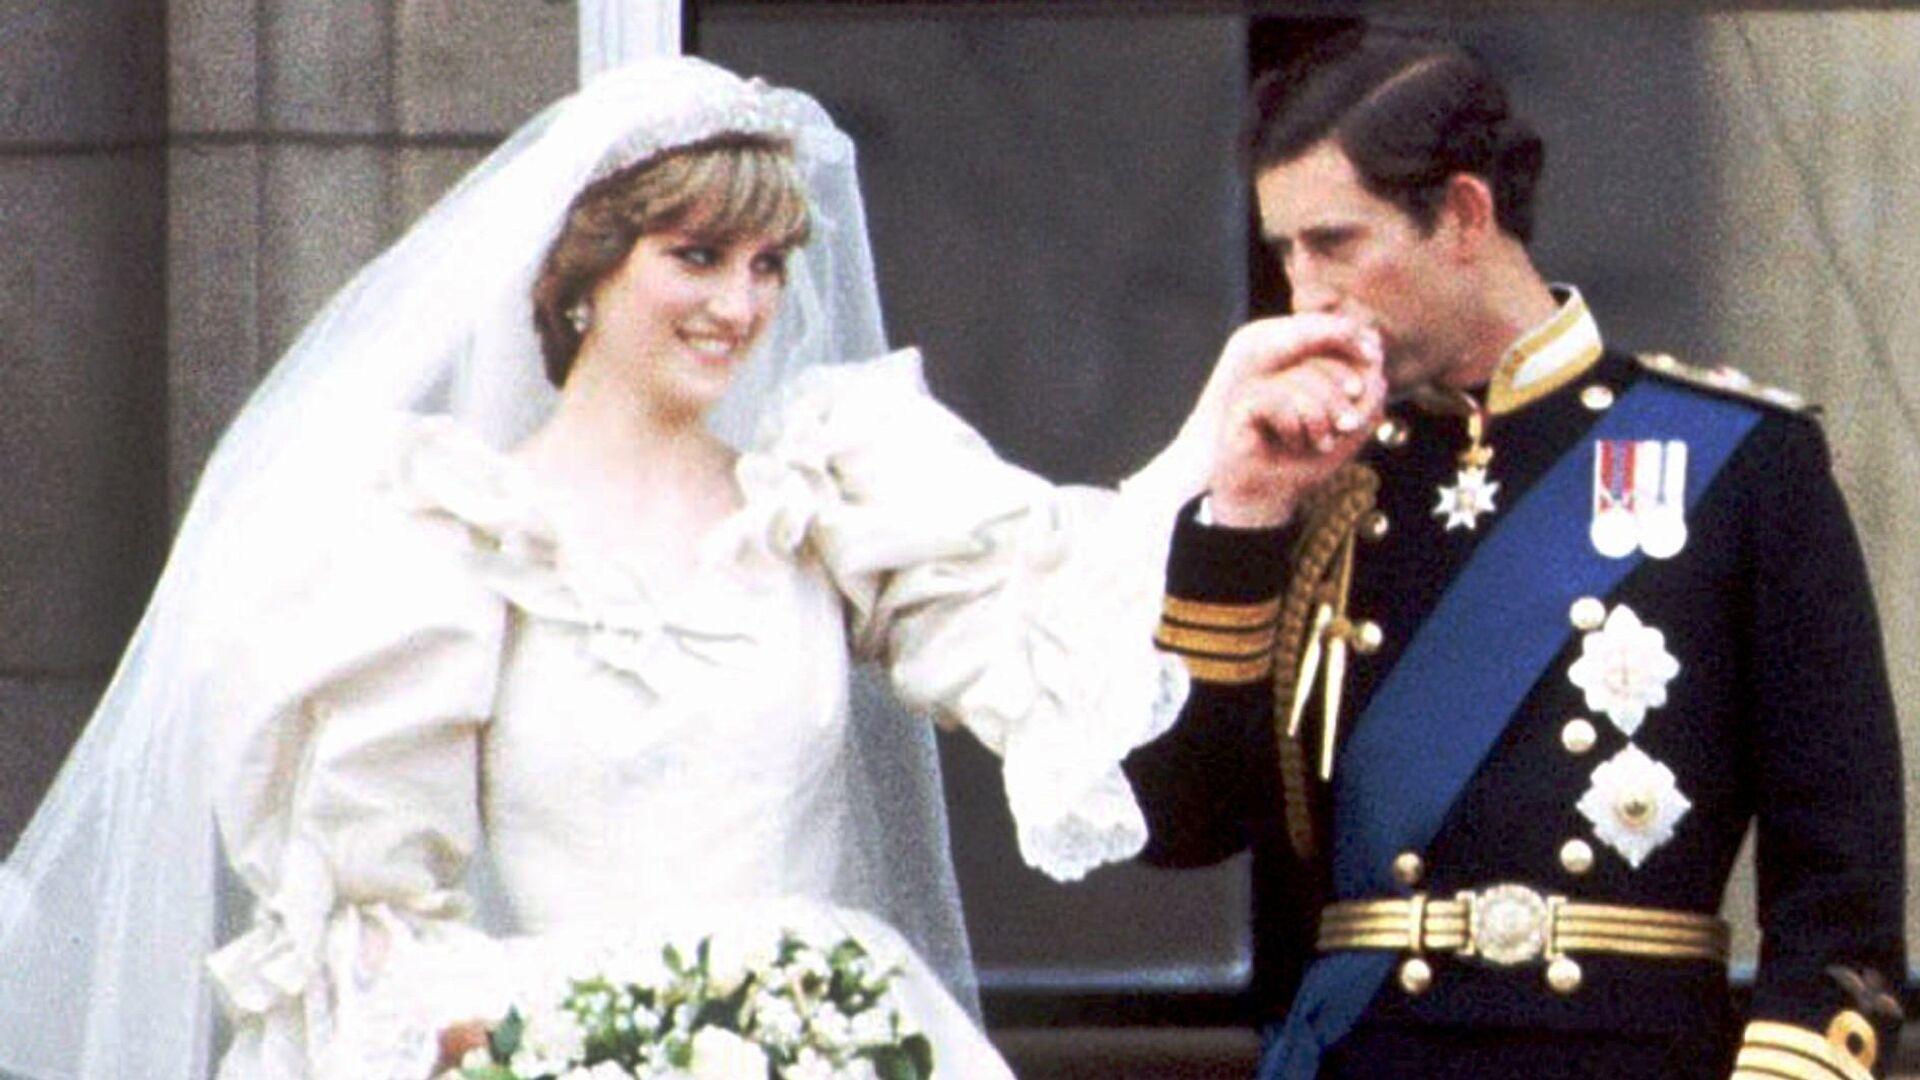 La boda del príncipe Carlos y princesa Diana - Sputnik Mundo, 1920, 29.07.2021